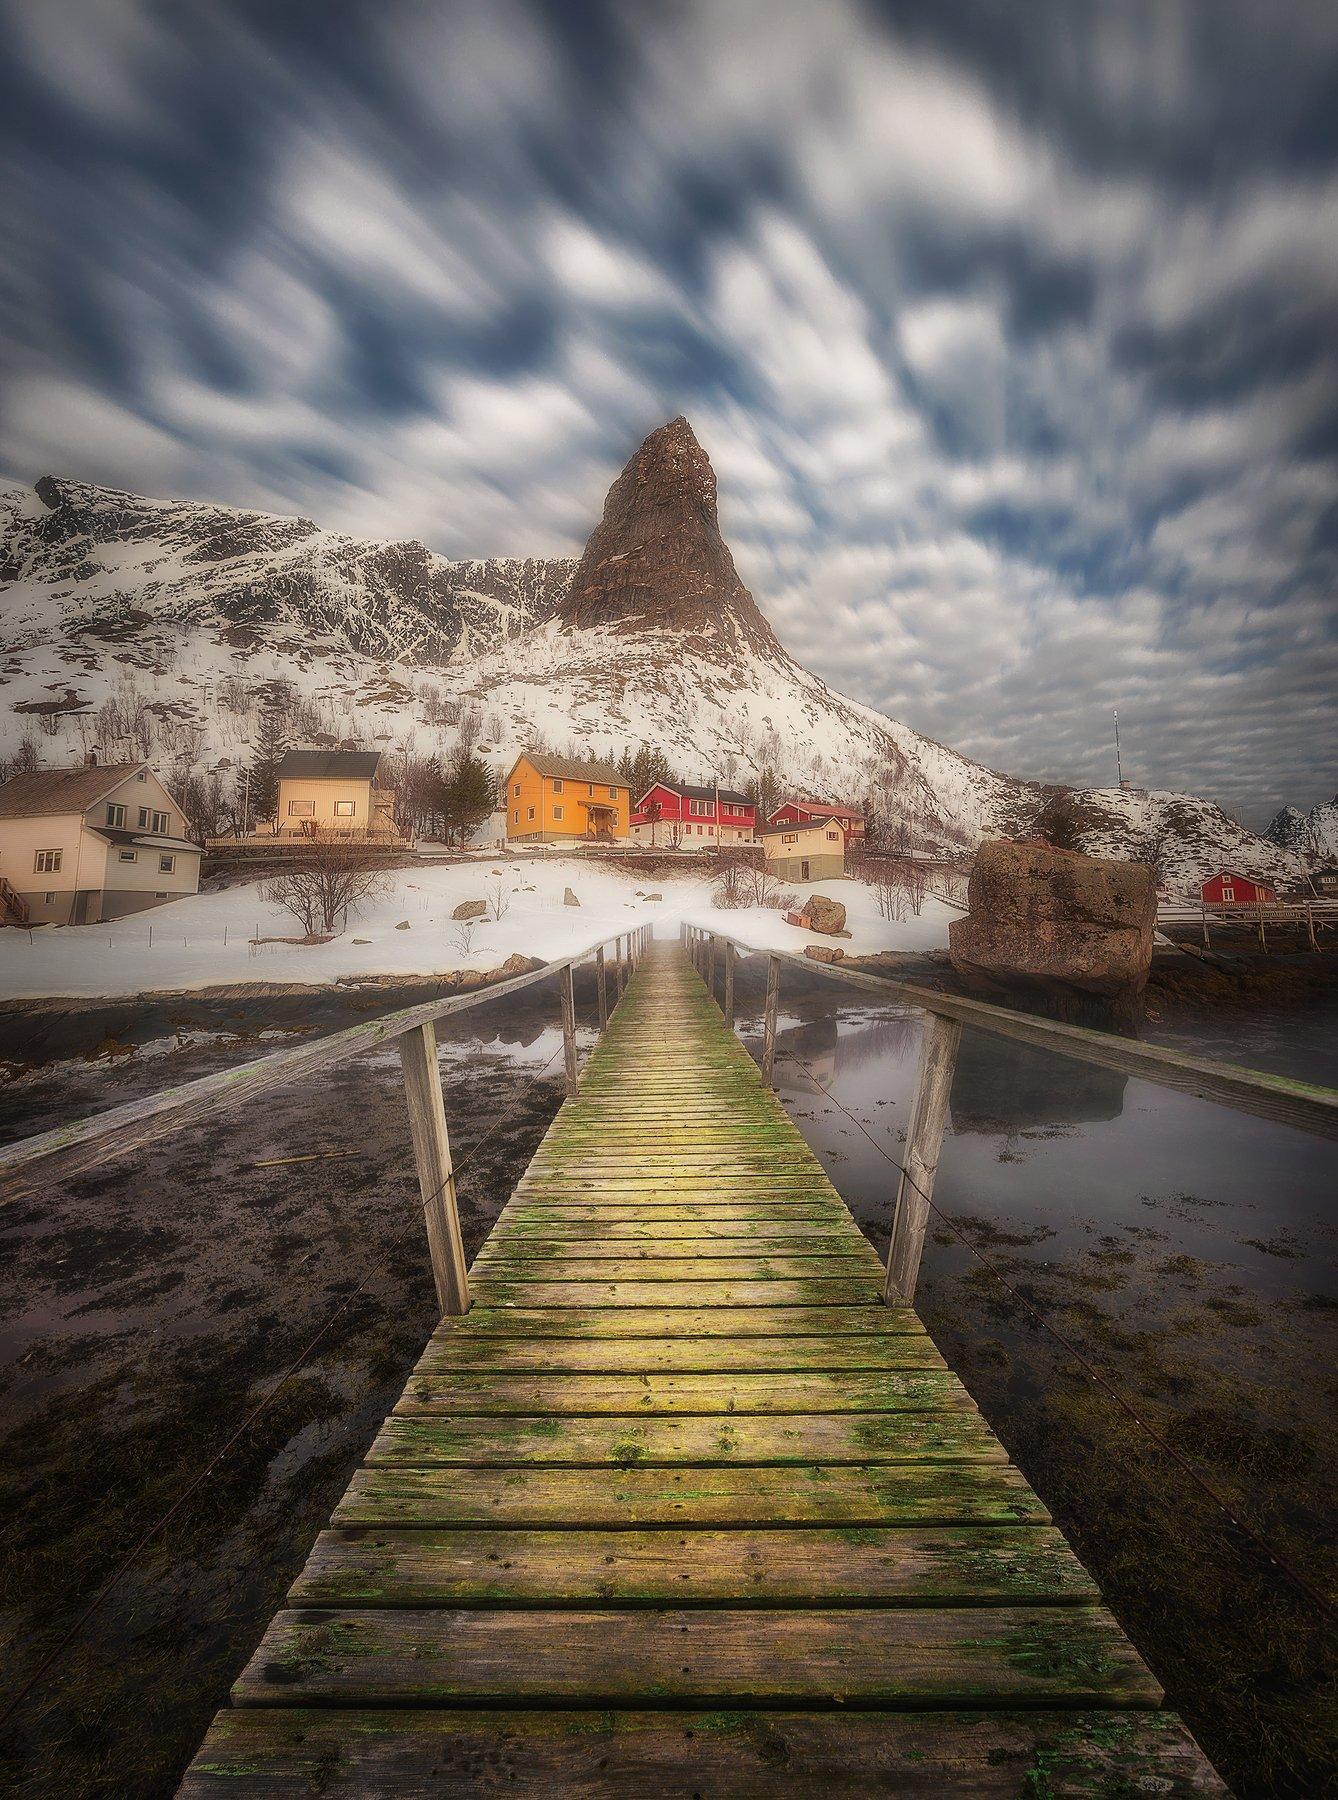 long exposure, clouds, Reine, Lofoten, Norway, fjord, village, bridge, sea, water, mountains,, Patrycja